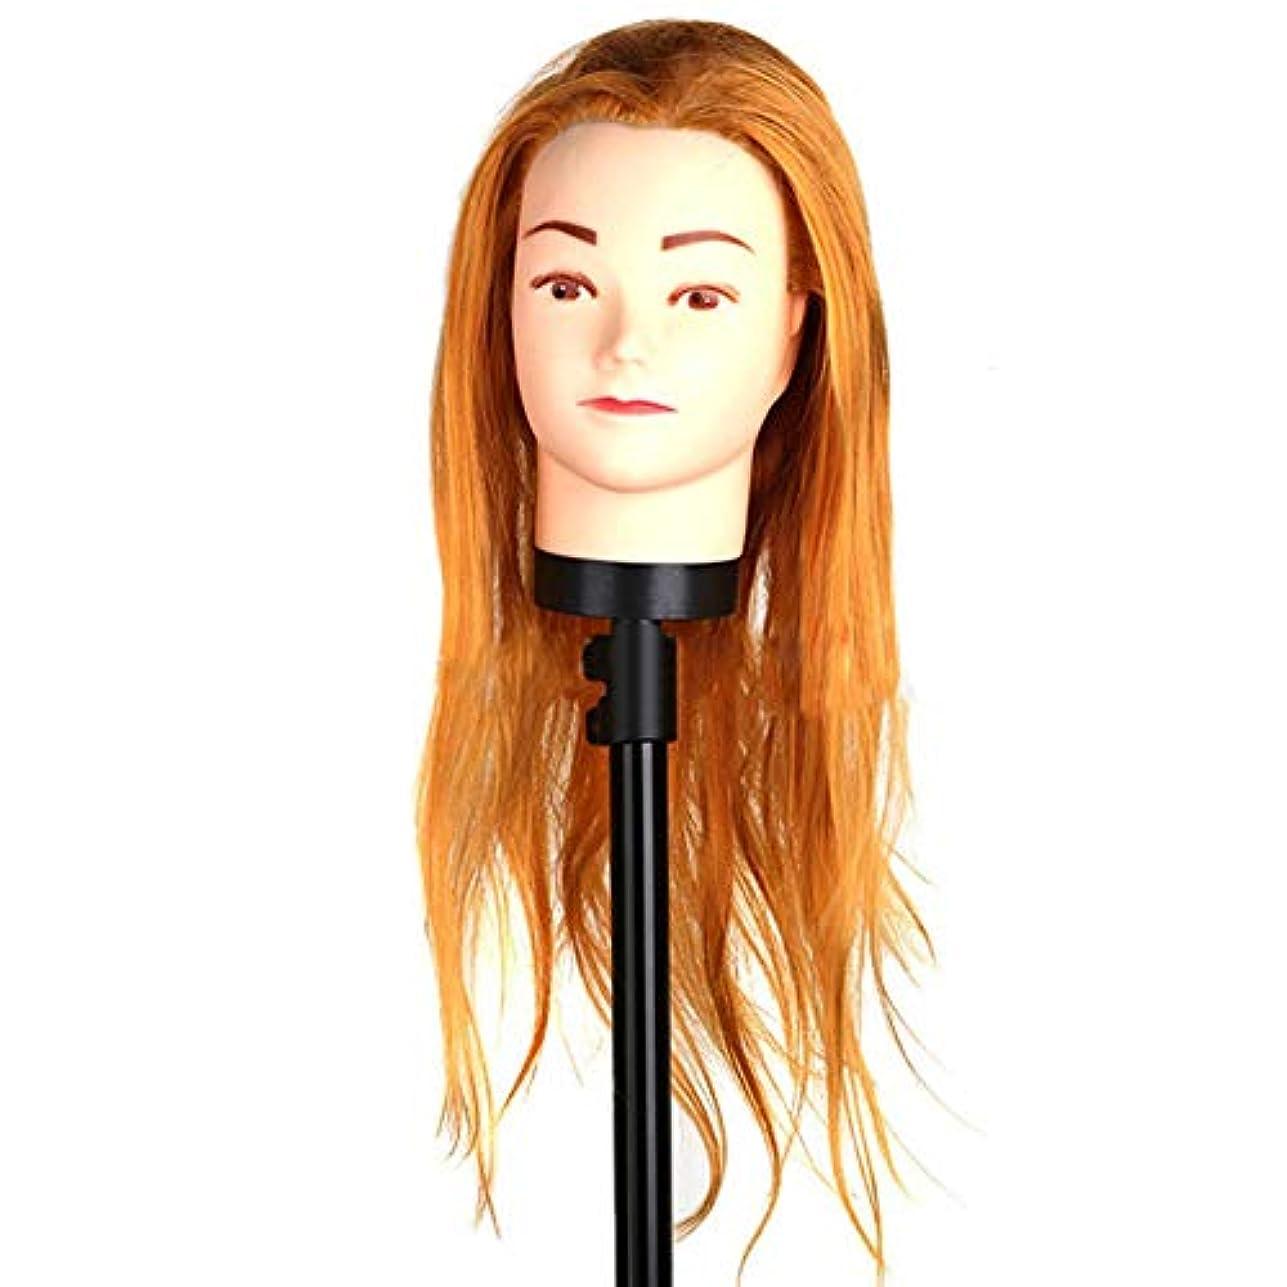 一部花束スープ高温繊維かつらヘッドモールドメイクヘアスタイリングヘッドヘアーサロントレーニング学習ヘアカットデュアルユースダミー人間の頭